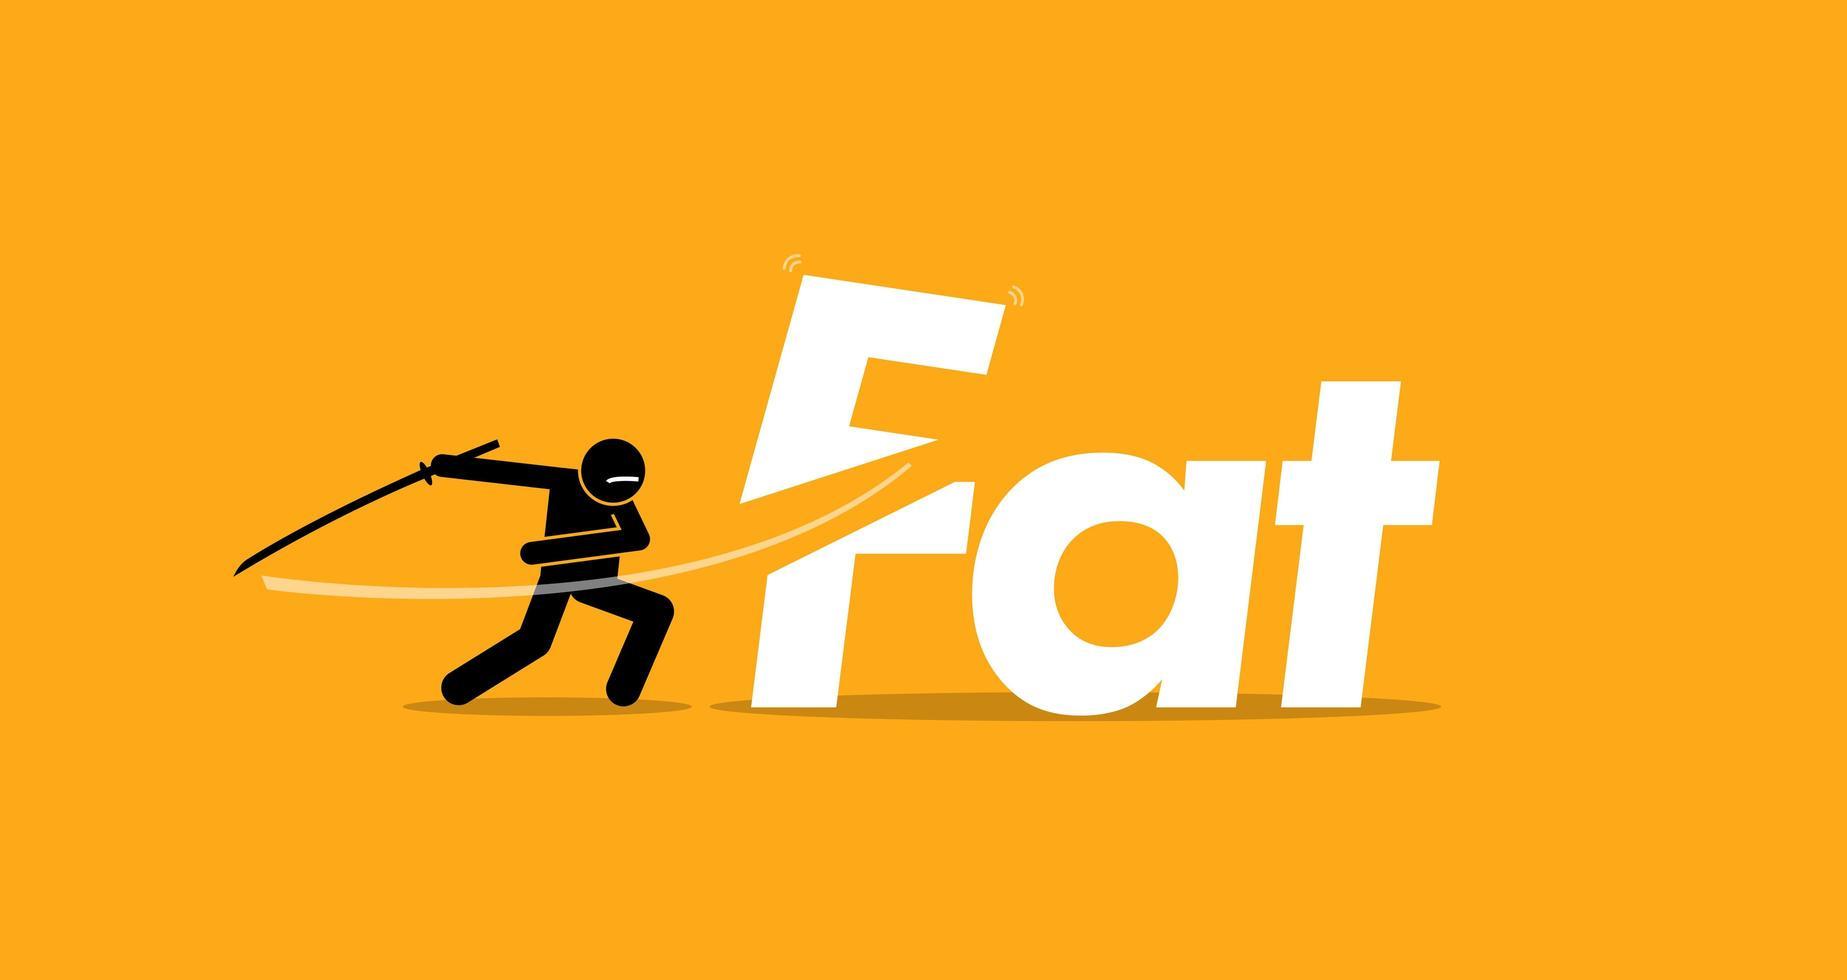 corte de alimentos gordurosos não saudáveis para uma dieta saudável. vetor